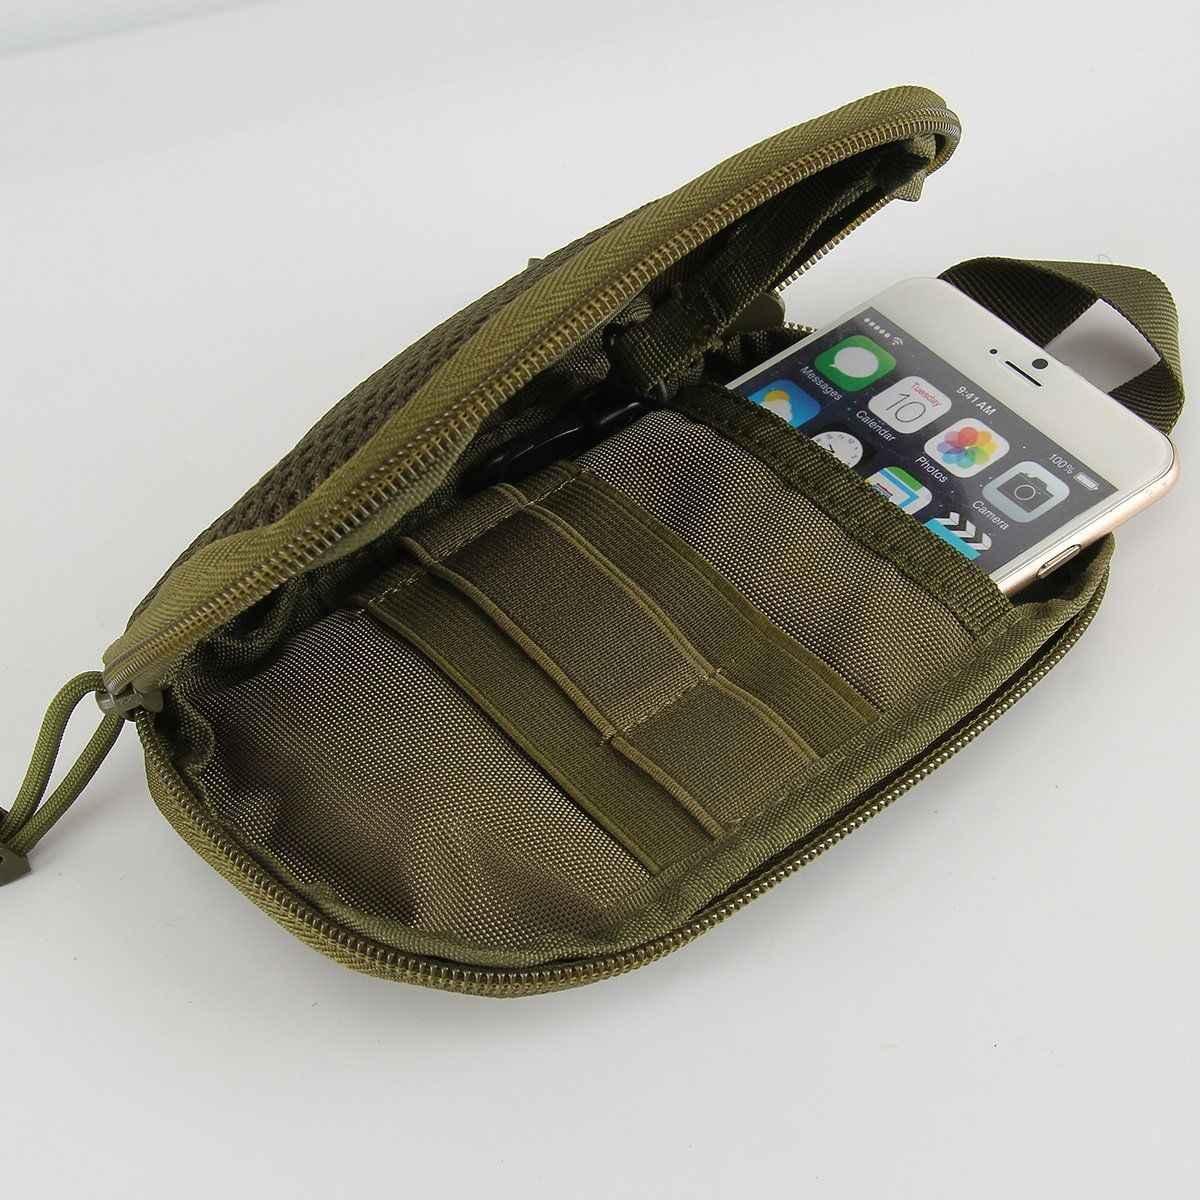 Açık Taktik Molle Kılıfı Bel fanny paketi Kemer telefon kılıfı Kamp Yürüyüş Çantası Bel Çantası